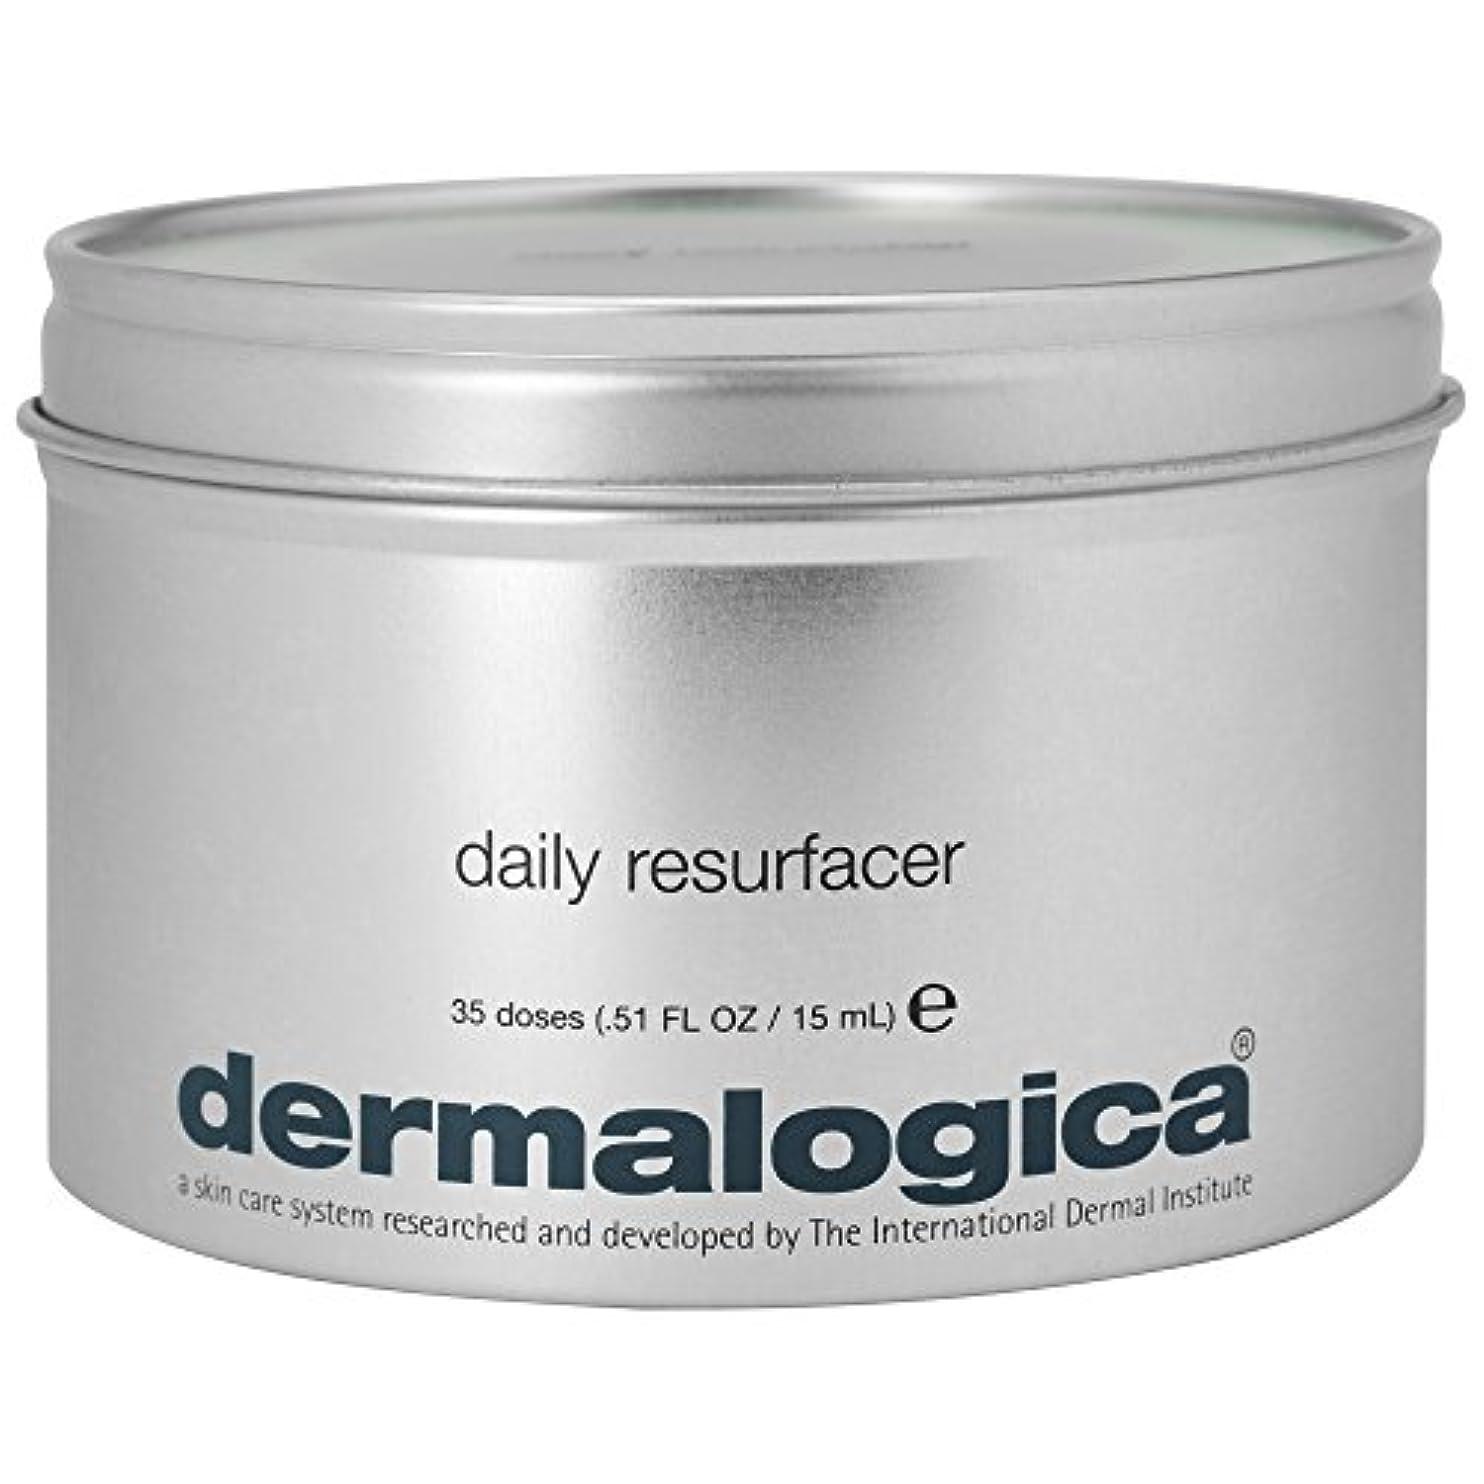 マルクス主義者クライストチャーチ谷35のダーマロジカ毎日Resurfacerパック (Dermalogica) (x6) - Dermalogica Daily Resurfacer Pack of 35 (Pack of 6) [並行輸入品]